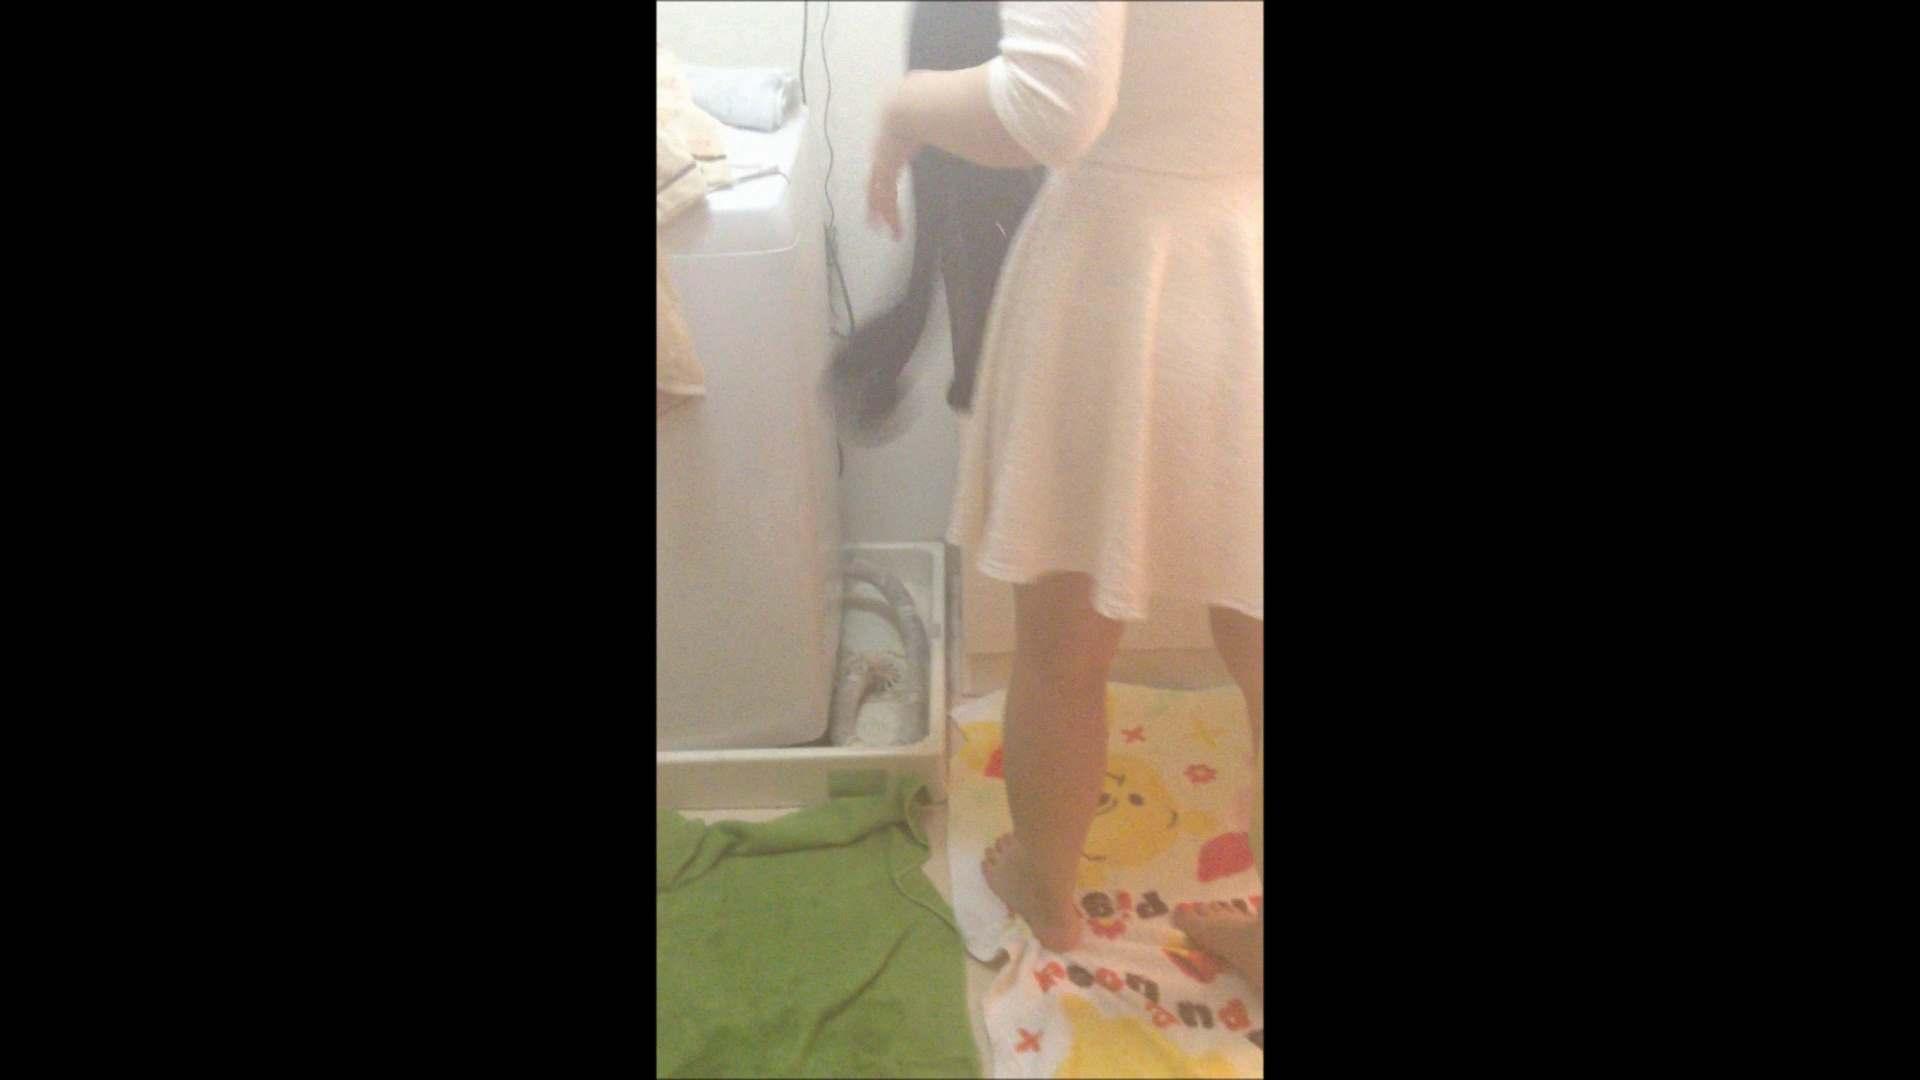 03(3日目)お風呂をイヤイヤ撮らせてくれた マンコ・ムレムレ  78pic 20